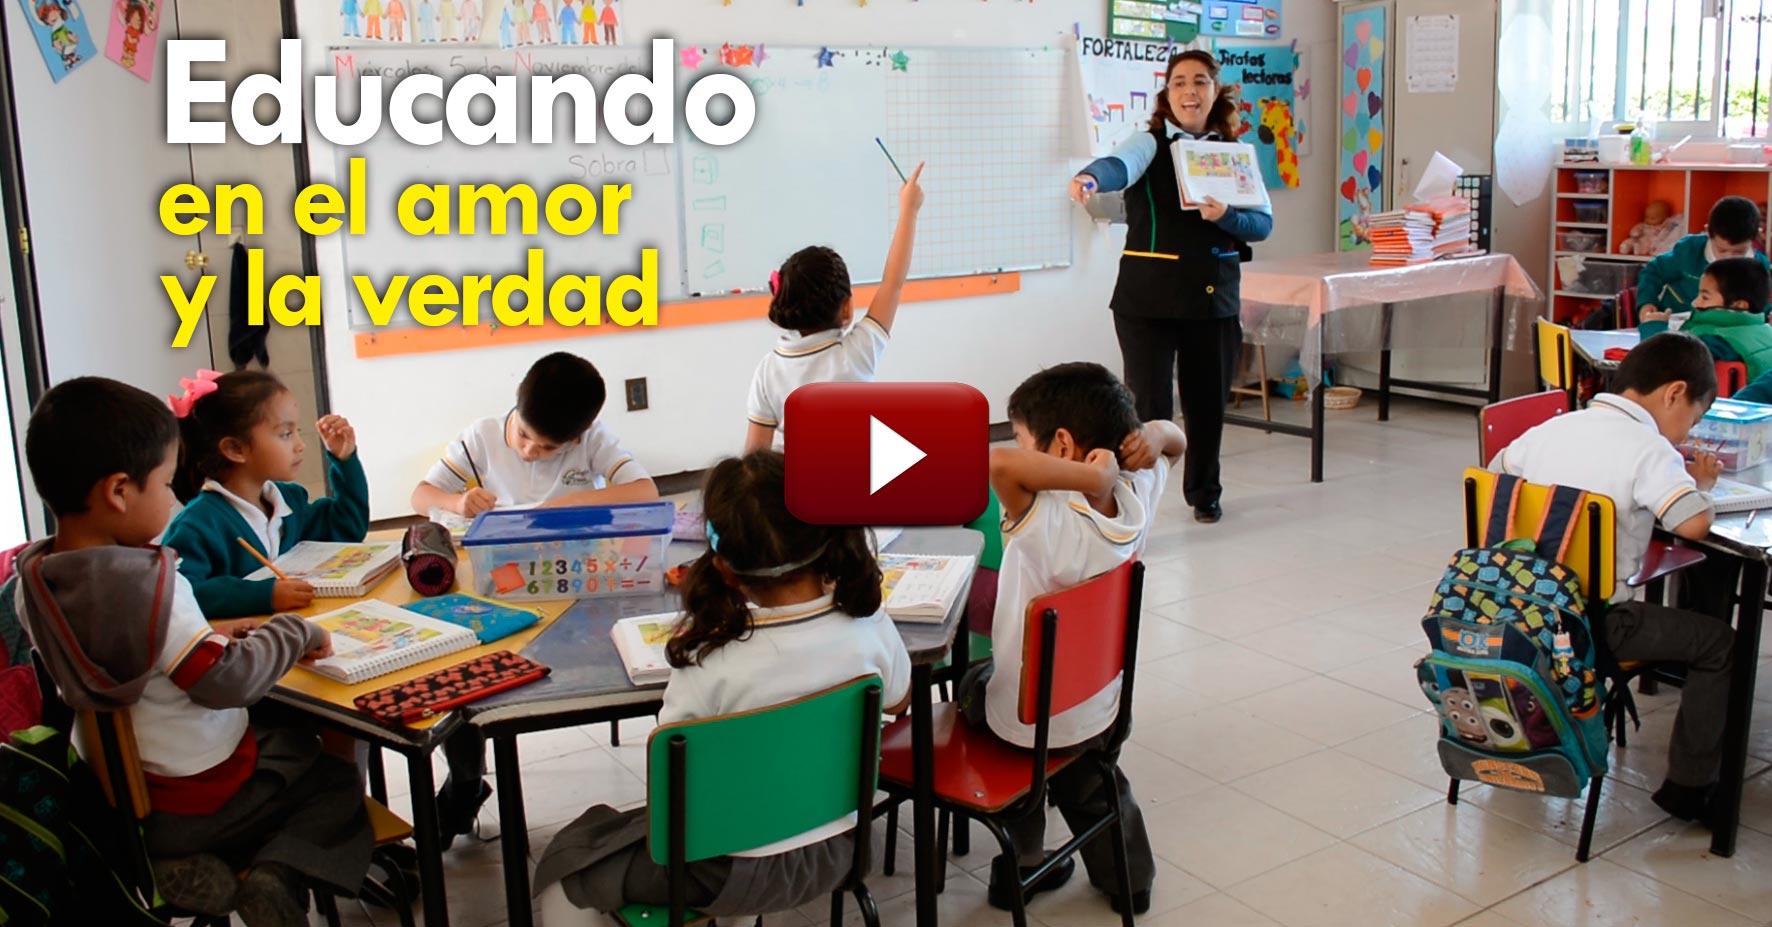 VIDEO «El girasol», igualando oportunidades